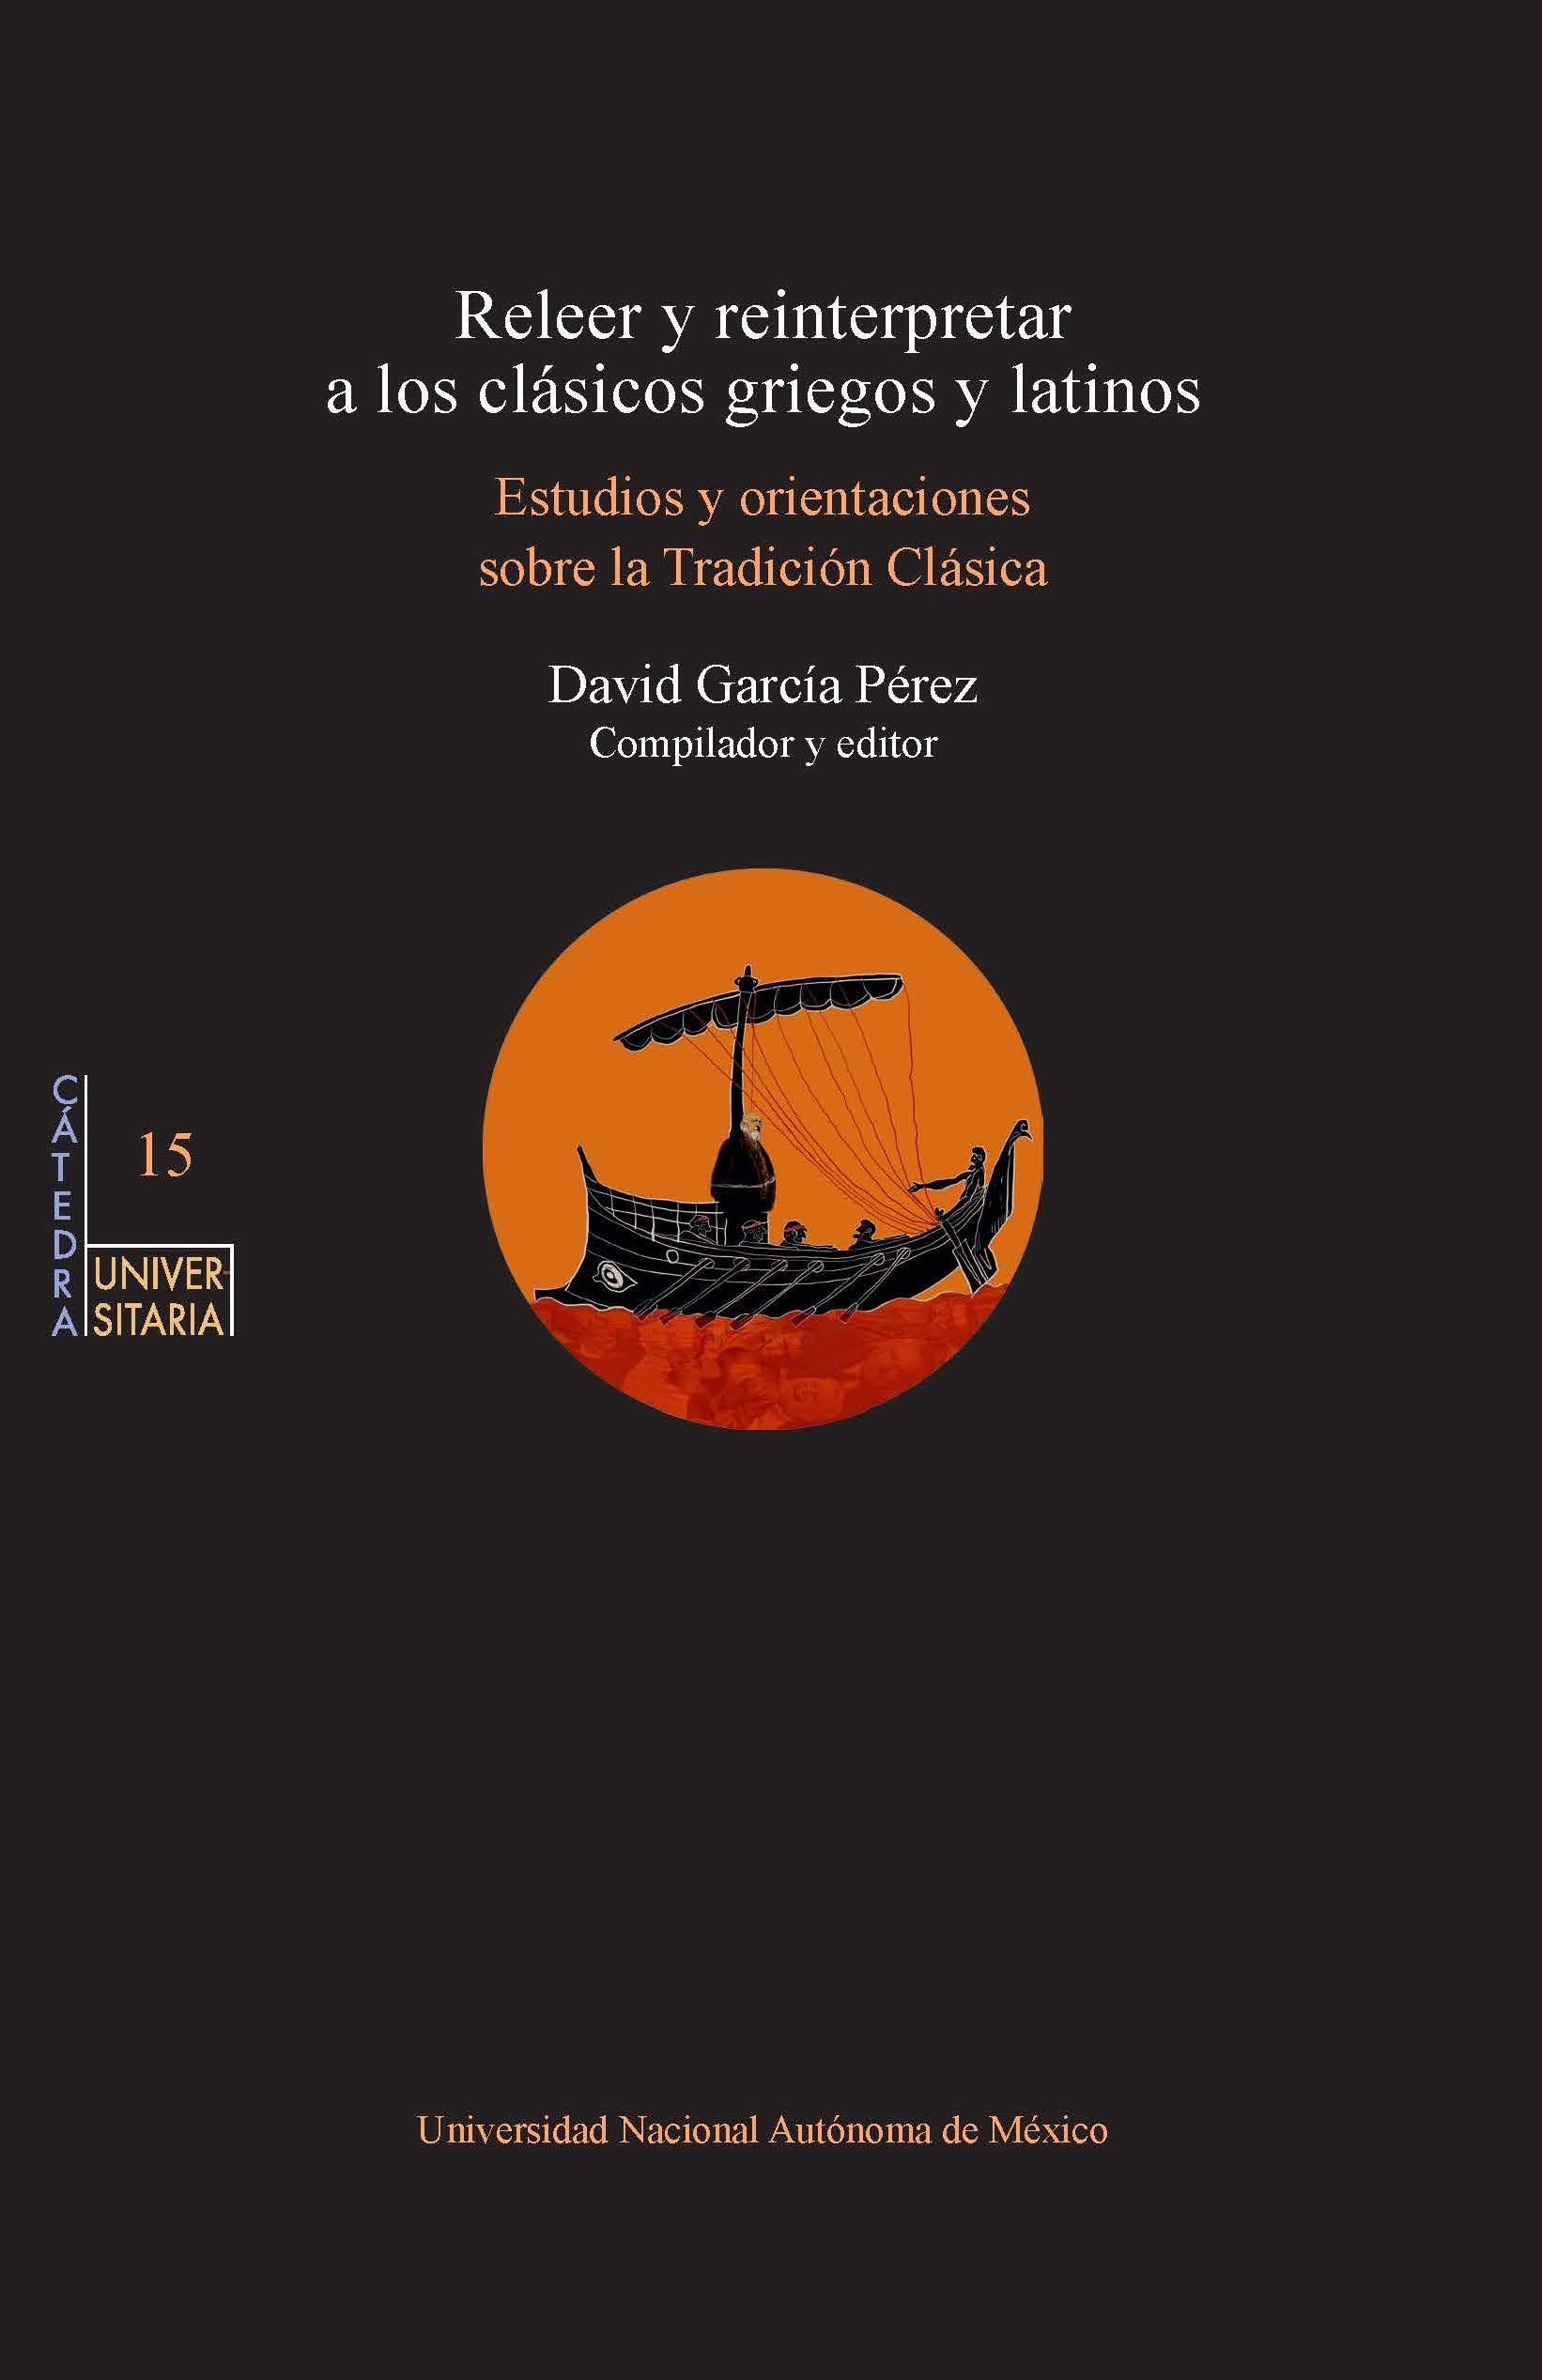 Releer y reinterpretar a los clásicos griegos y latinos